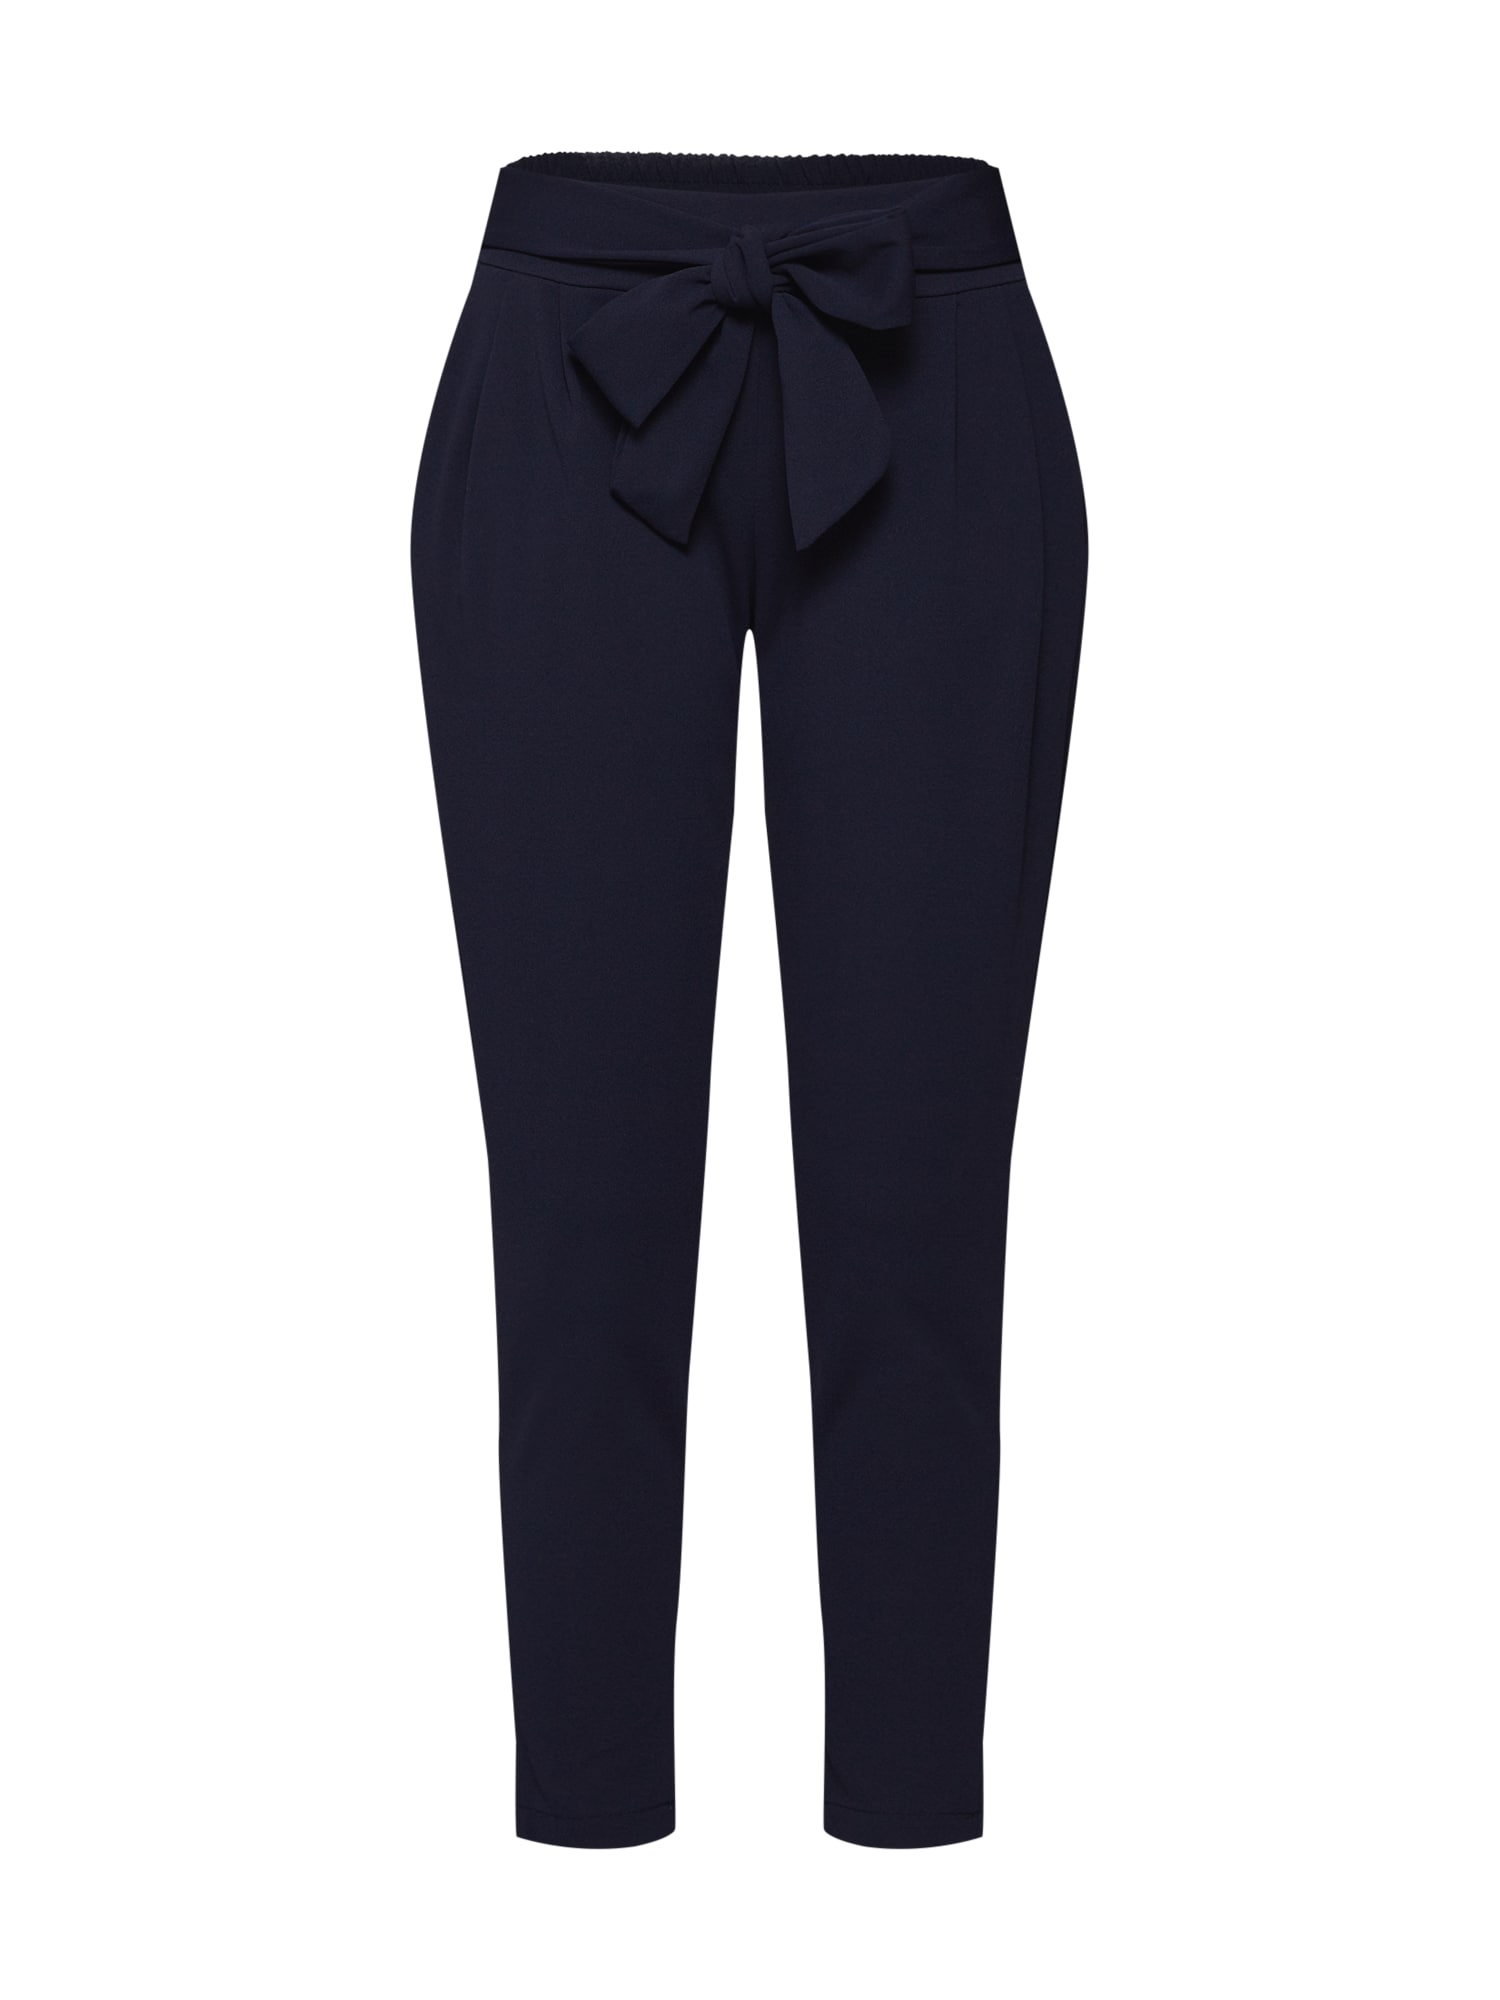 Kalhoty se sklady v pase Emilia námořnická modř Hailys